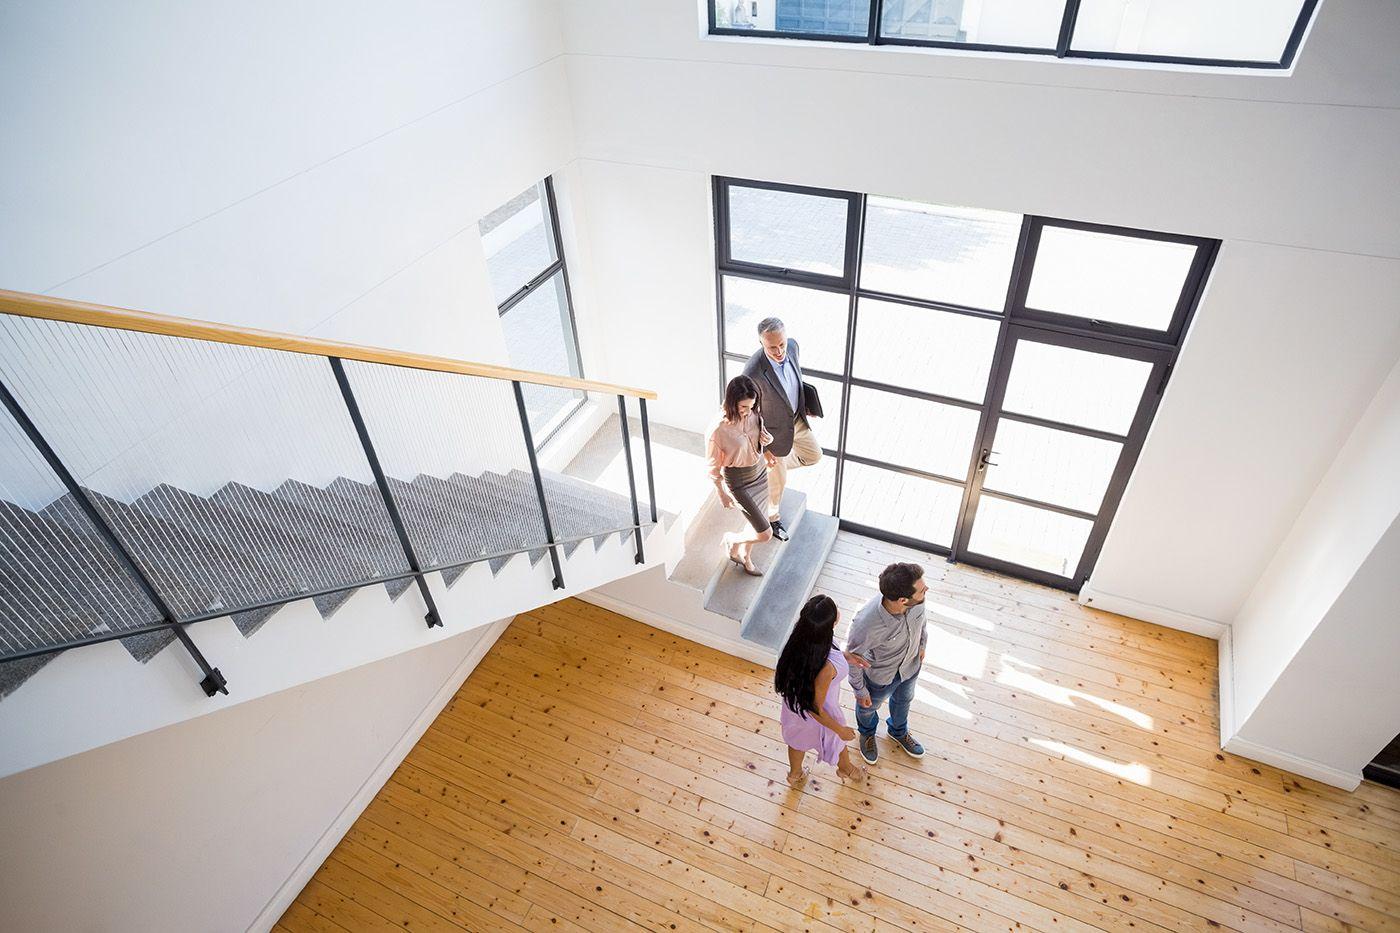 Il mercato immobiliare in aumento nell'ultimo trimestre